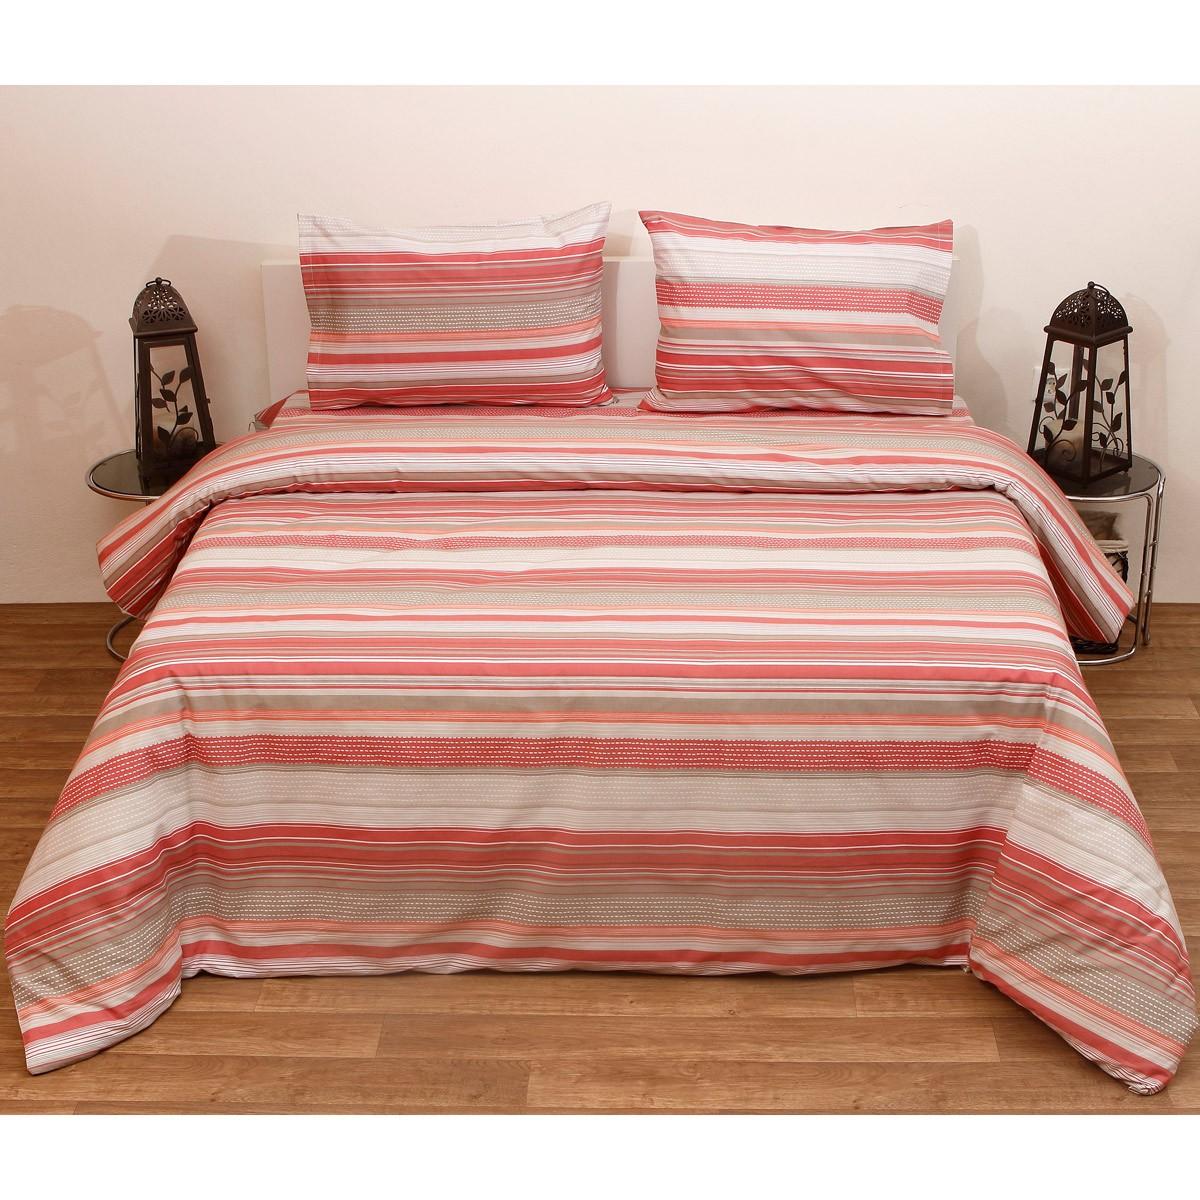 Πάπλωμα Ημίδιπλο (Σετ) Viopros Fresh Γκρέυ Κοραλί home   κρεβατοκάμαρα   παπλώματα   παπλώματα ημίδιπλα   διπλά